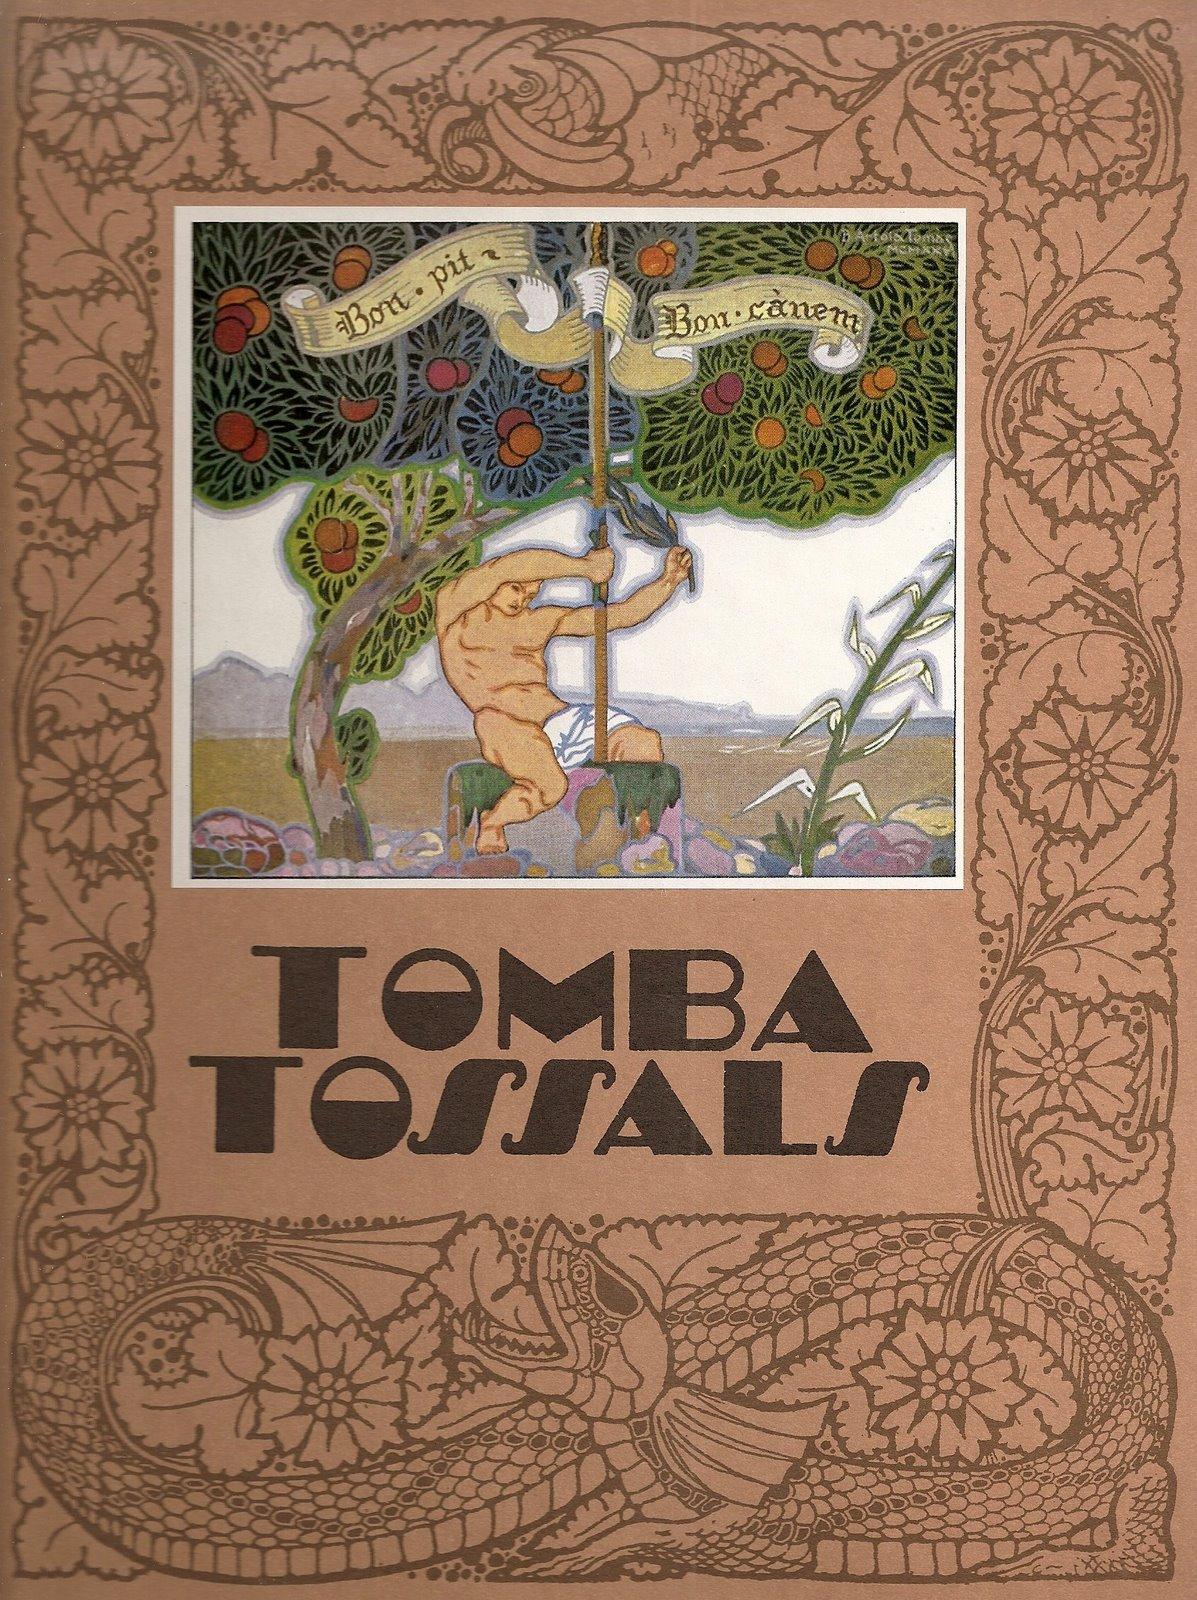 Tombatossals. Edición facsímil en valenciano antiguo. Generalitat Valenciana y Ajuntament de castelló de la plana. 1998.